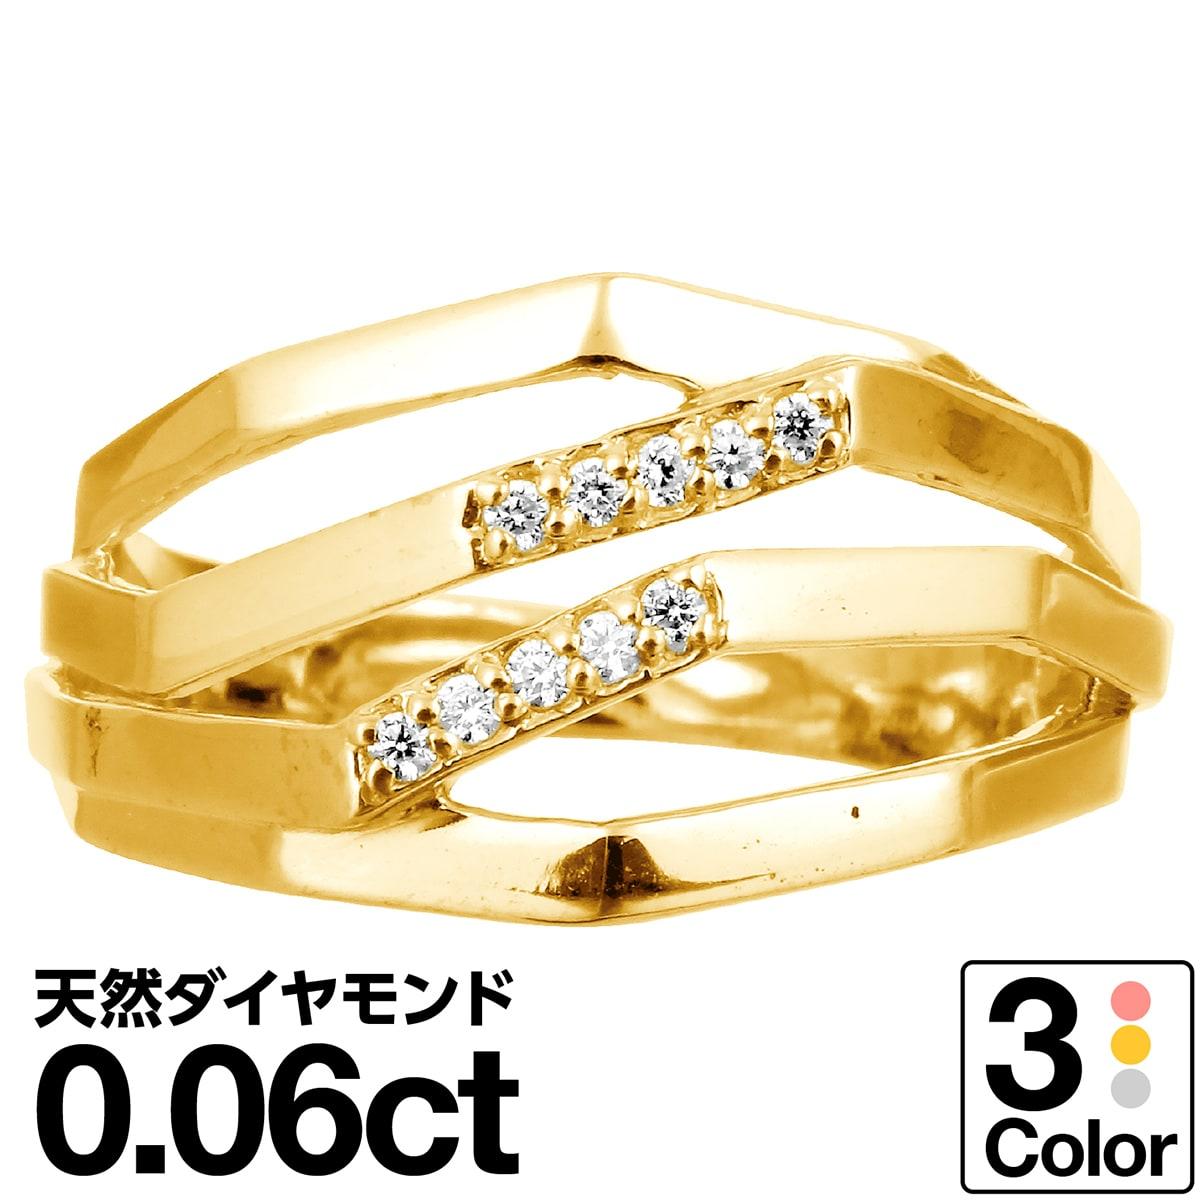 5%OFF 指輪 10金 k10 10k 女性 20代 30代 40代 50代 60代 ダイヤモンドリング イエローゴールド ホワイトゴールド ギフト 出荷 品質保証書 金属アレルギー ピンクゴールド 天然ダイヤ smtb-s プレゼント リング 日本製 ダイヤモンド ホワイトデー ファッションリング